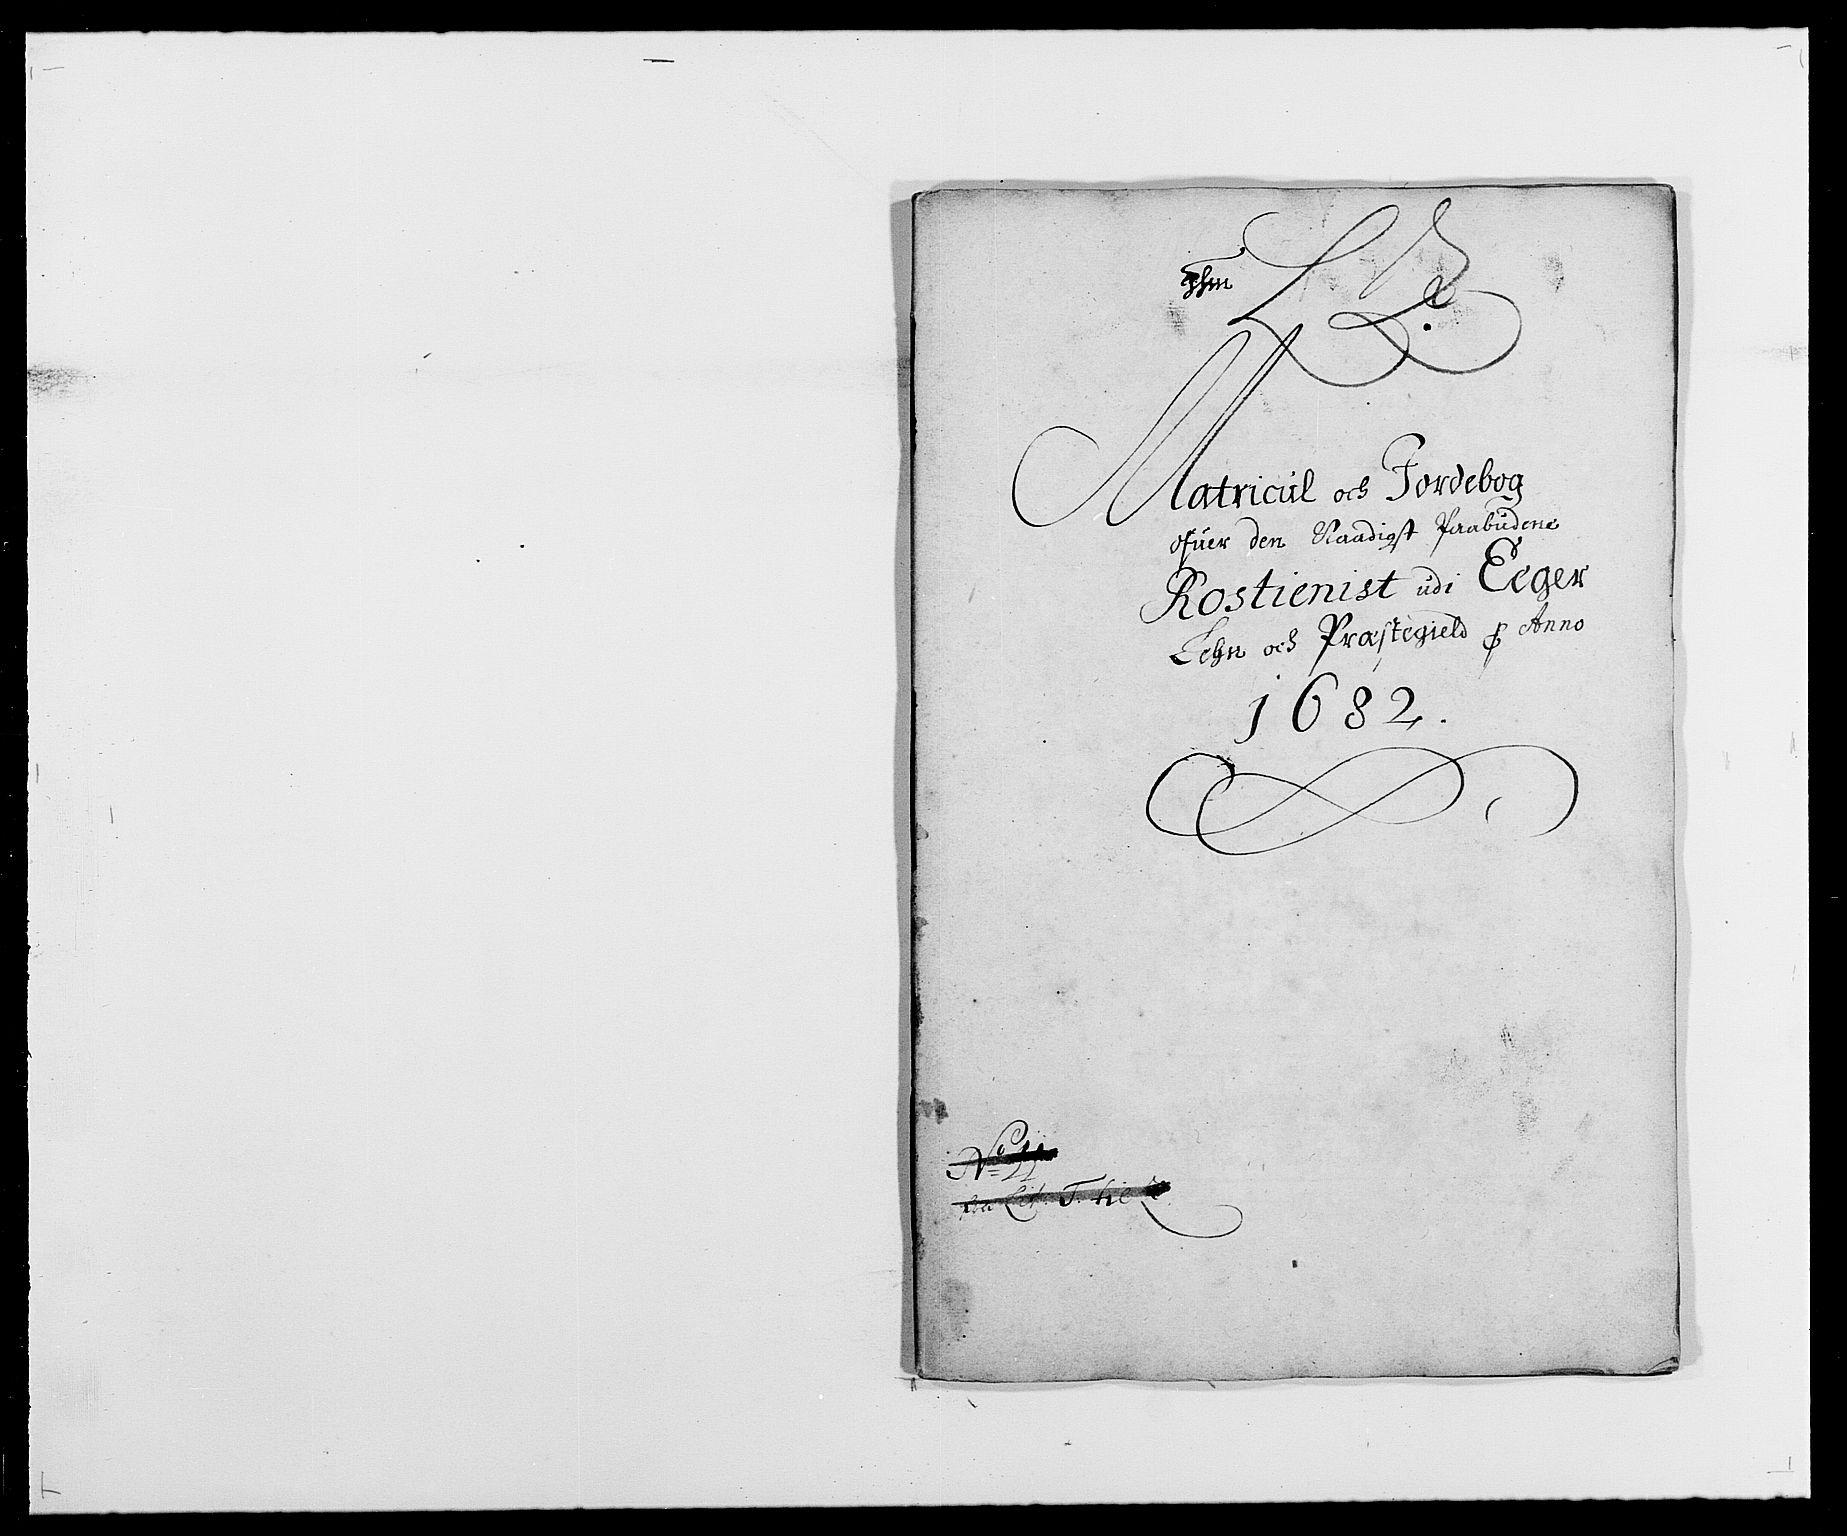 RA, Rentekammeret inntil 1814, Reviderte regnskaper, Fogderegnskap, R26/L1684: Fogderegnskap Eiker, 1679-1686, s. 327